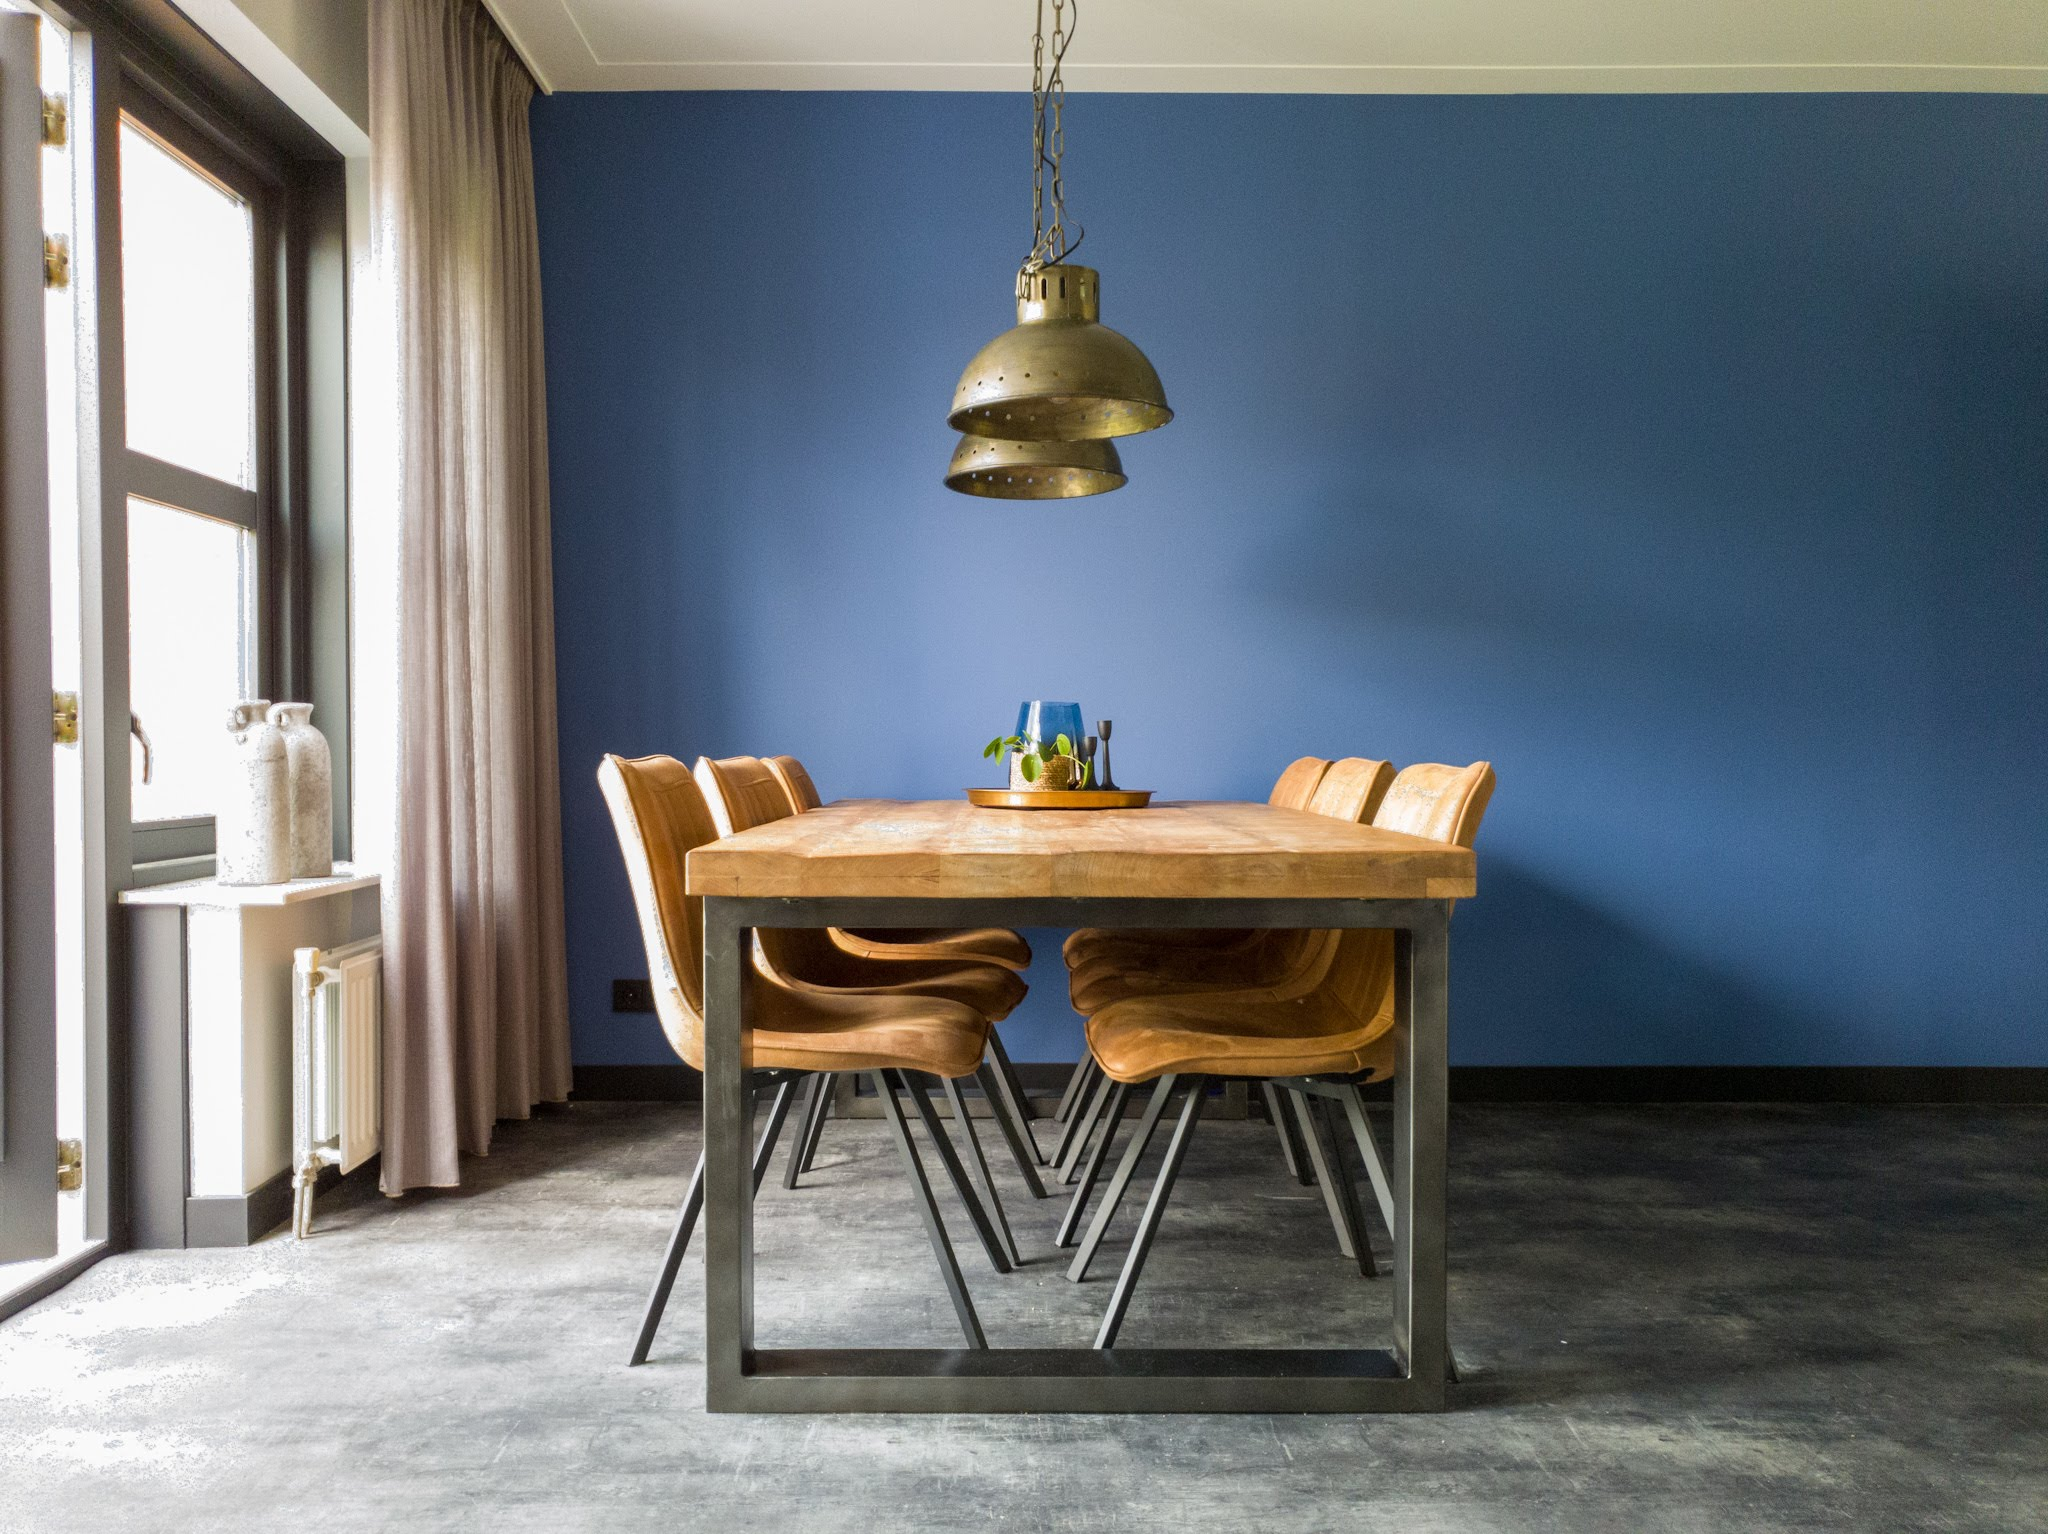 Herinrichting kleuradvies interieurontwerp woonkamer eetkamer cognac zwart blauw (4)